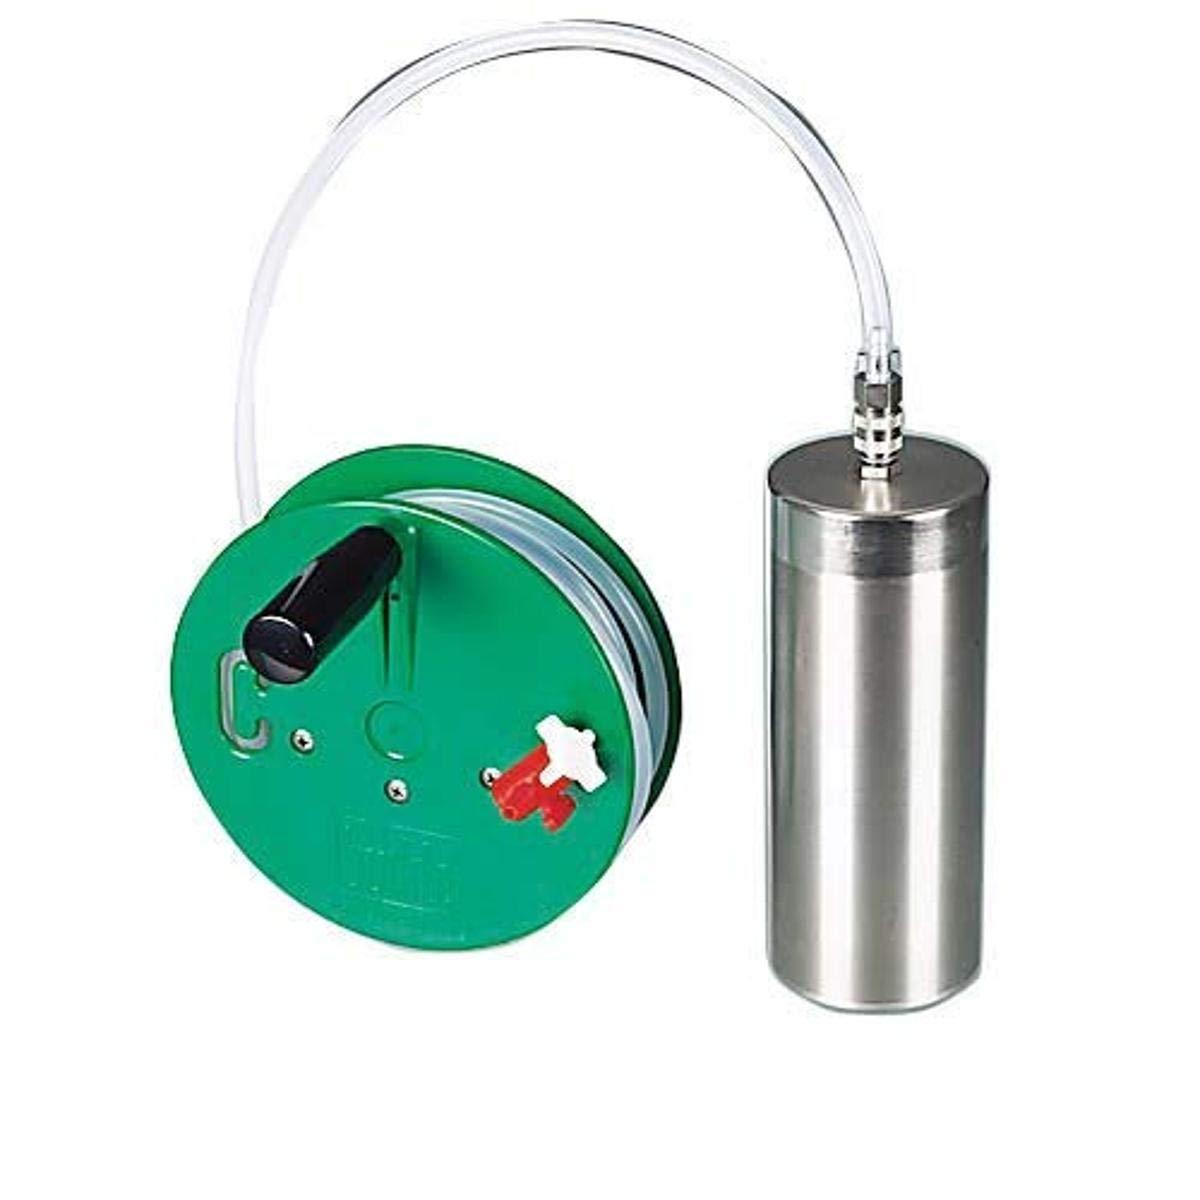 Bürkle 5365-6000 Target Immersion Max 67% OFF Cylinder 5M Hose Manufacturer regenerated product 75mm 500Ml